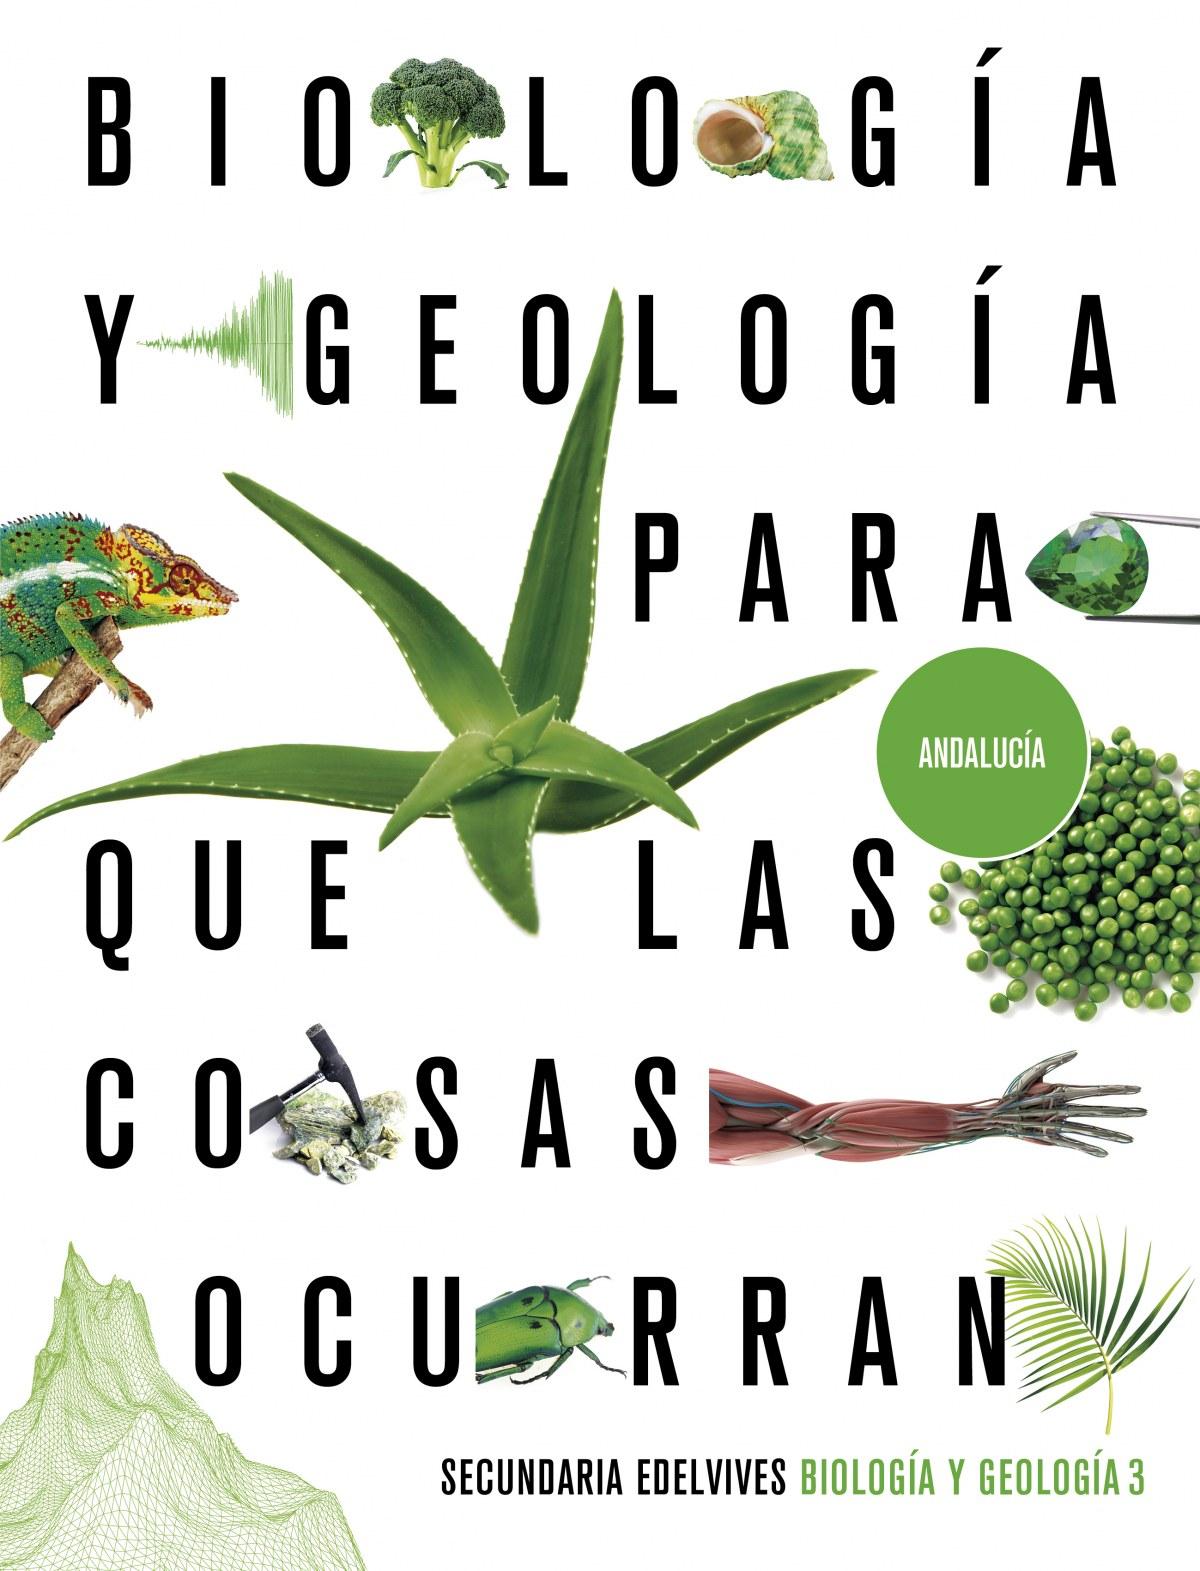 Proyecto: Para que las cosas ocurran - Biología y Geología 3. Ed. Andalucía